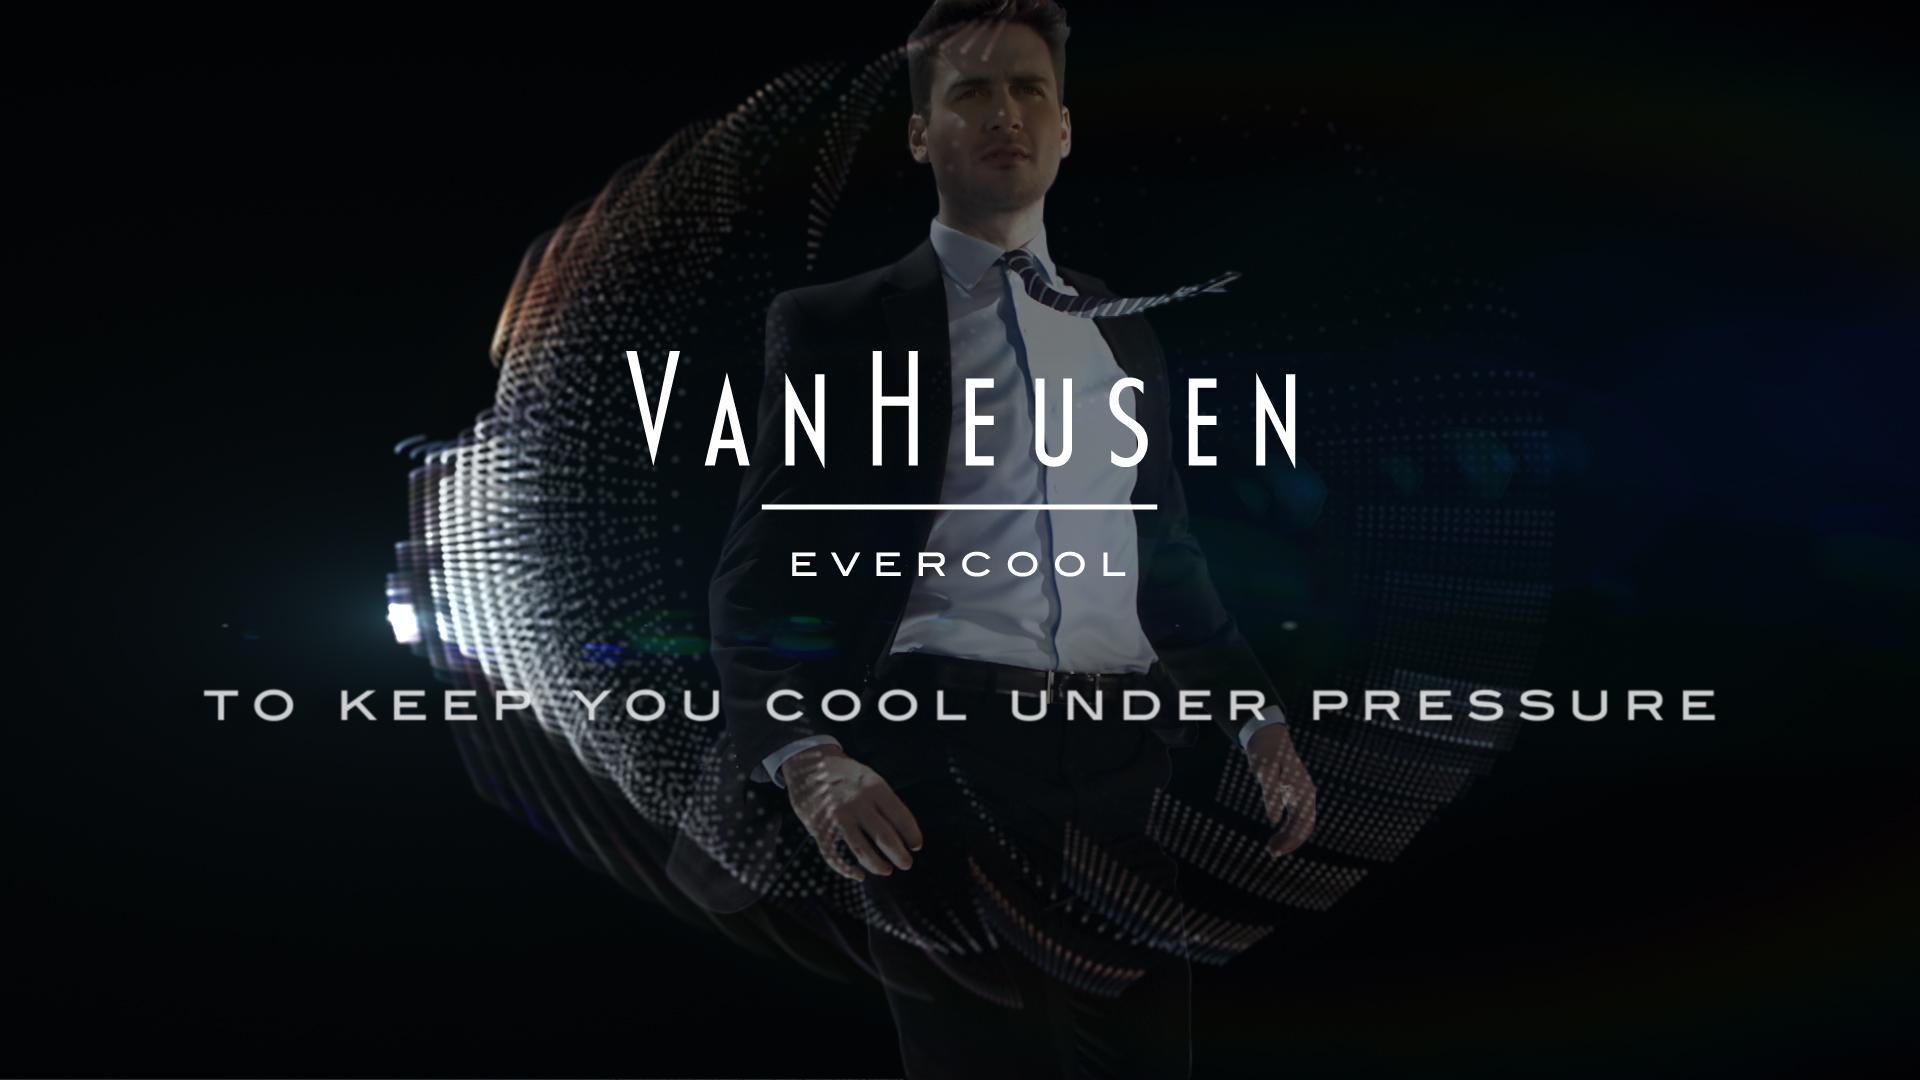 VanHeusen_DemoVideo_14 (0.00.42.00).jpg